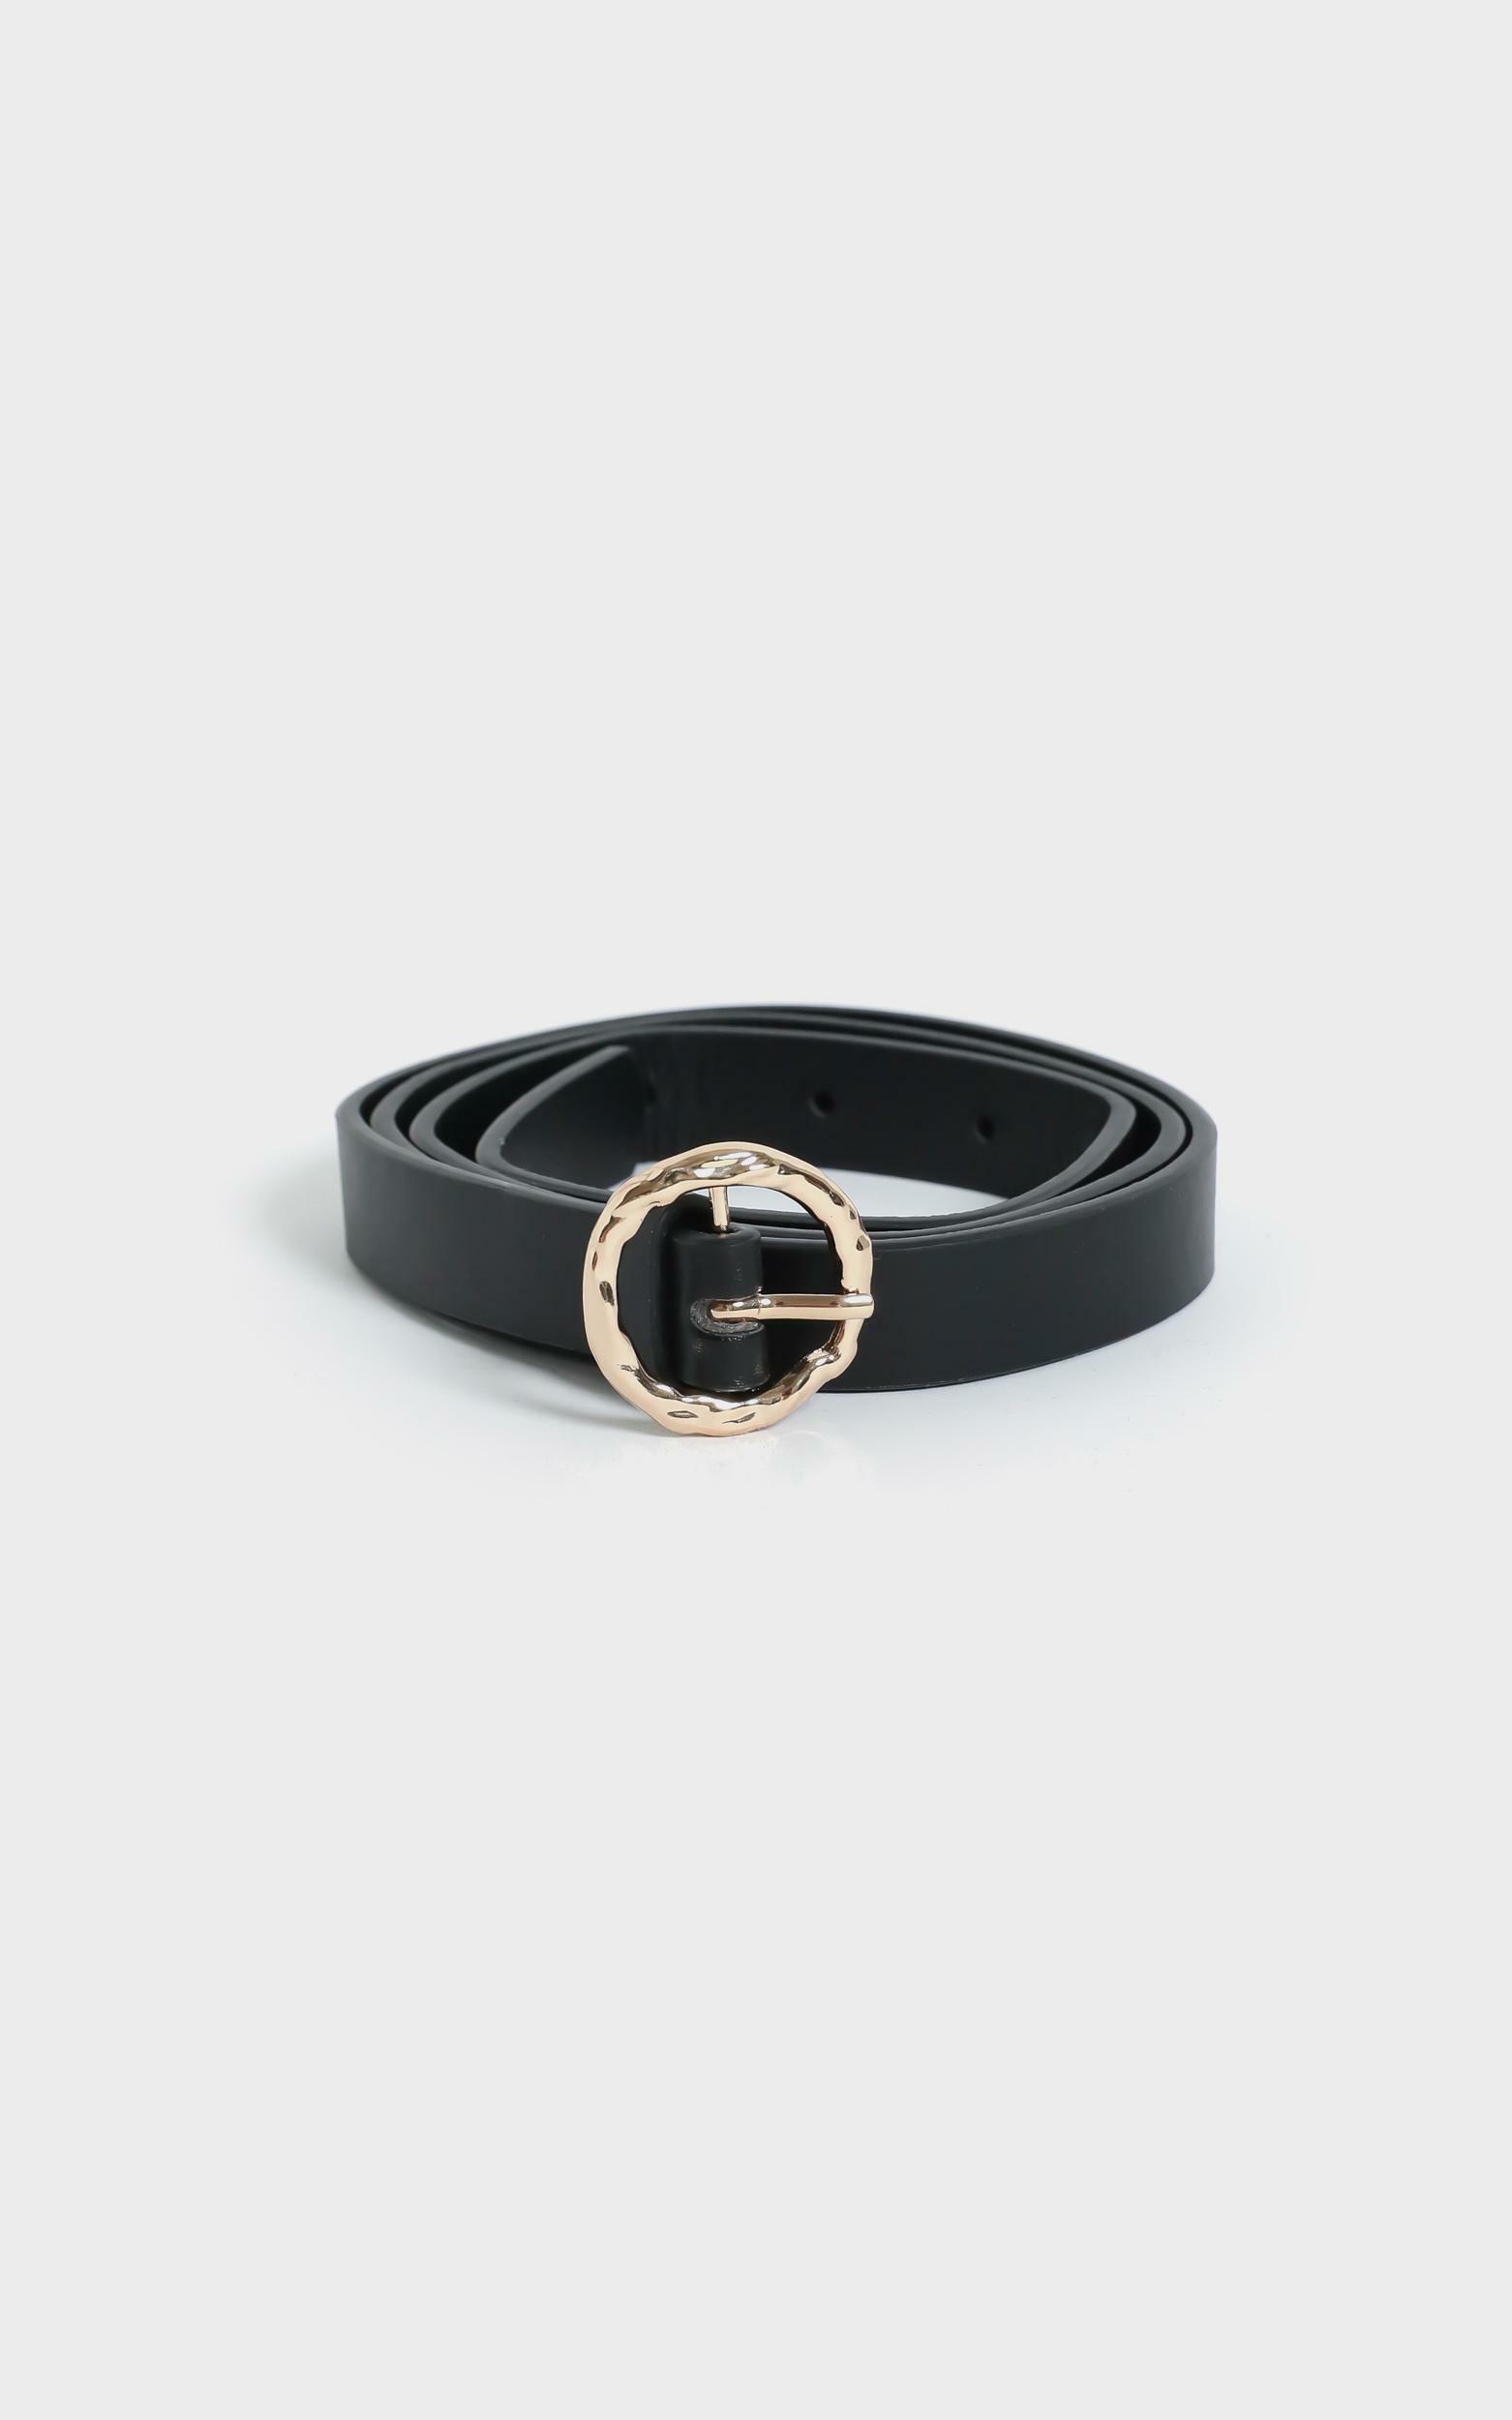 Delaney Belt in Black, , hi-res image number null